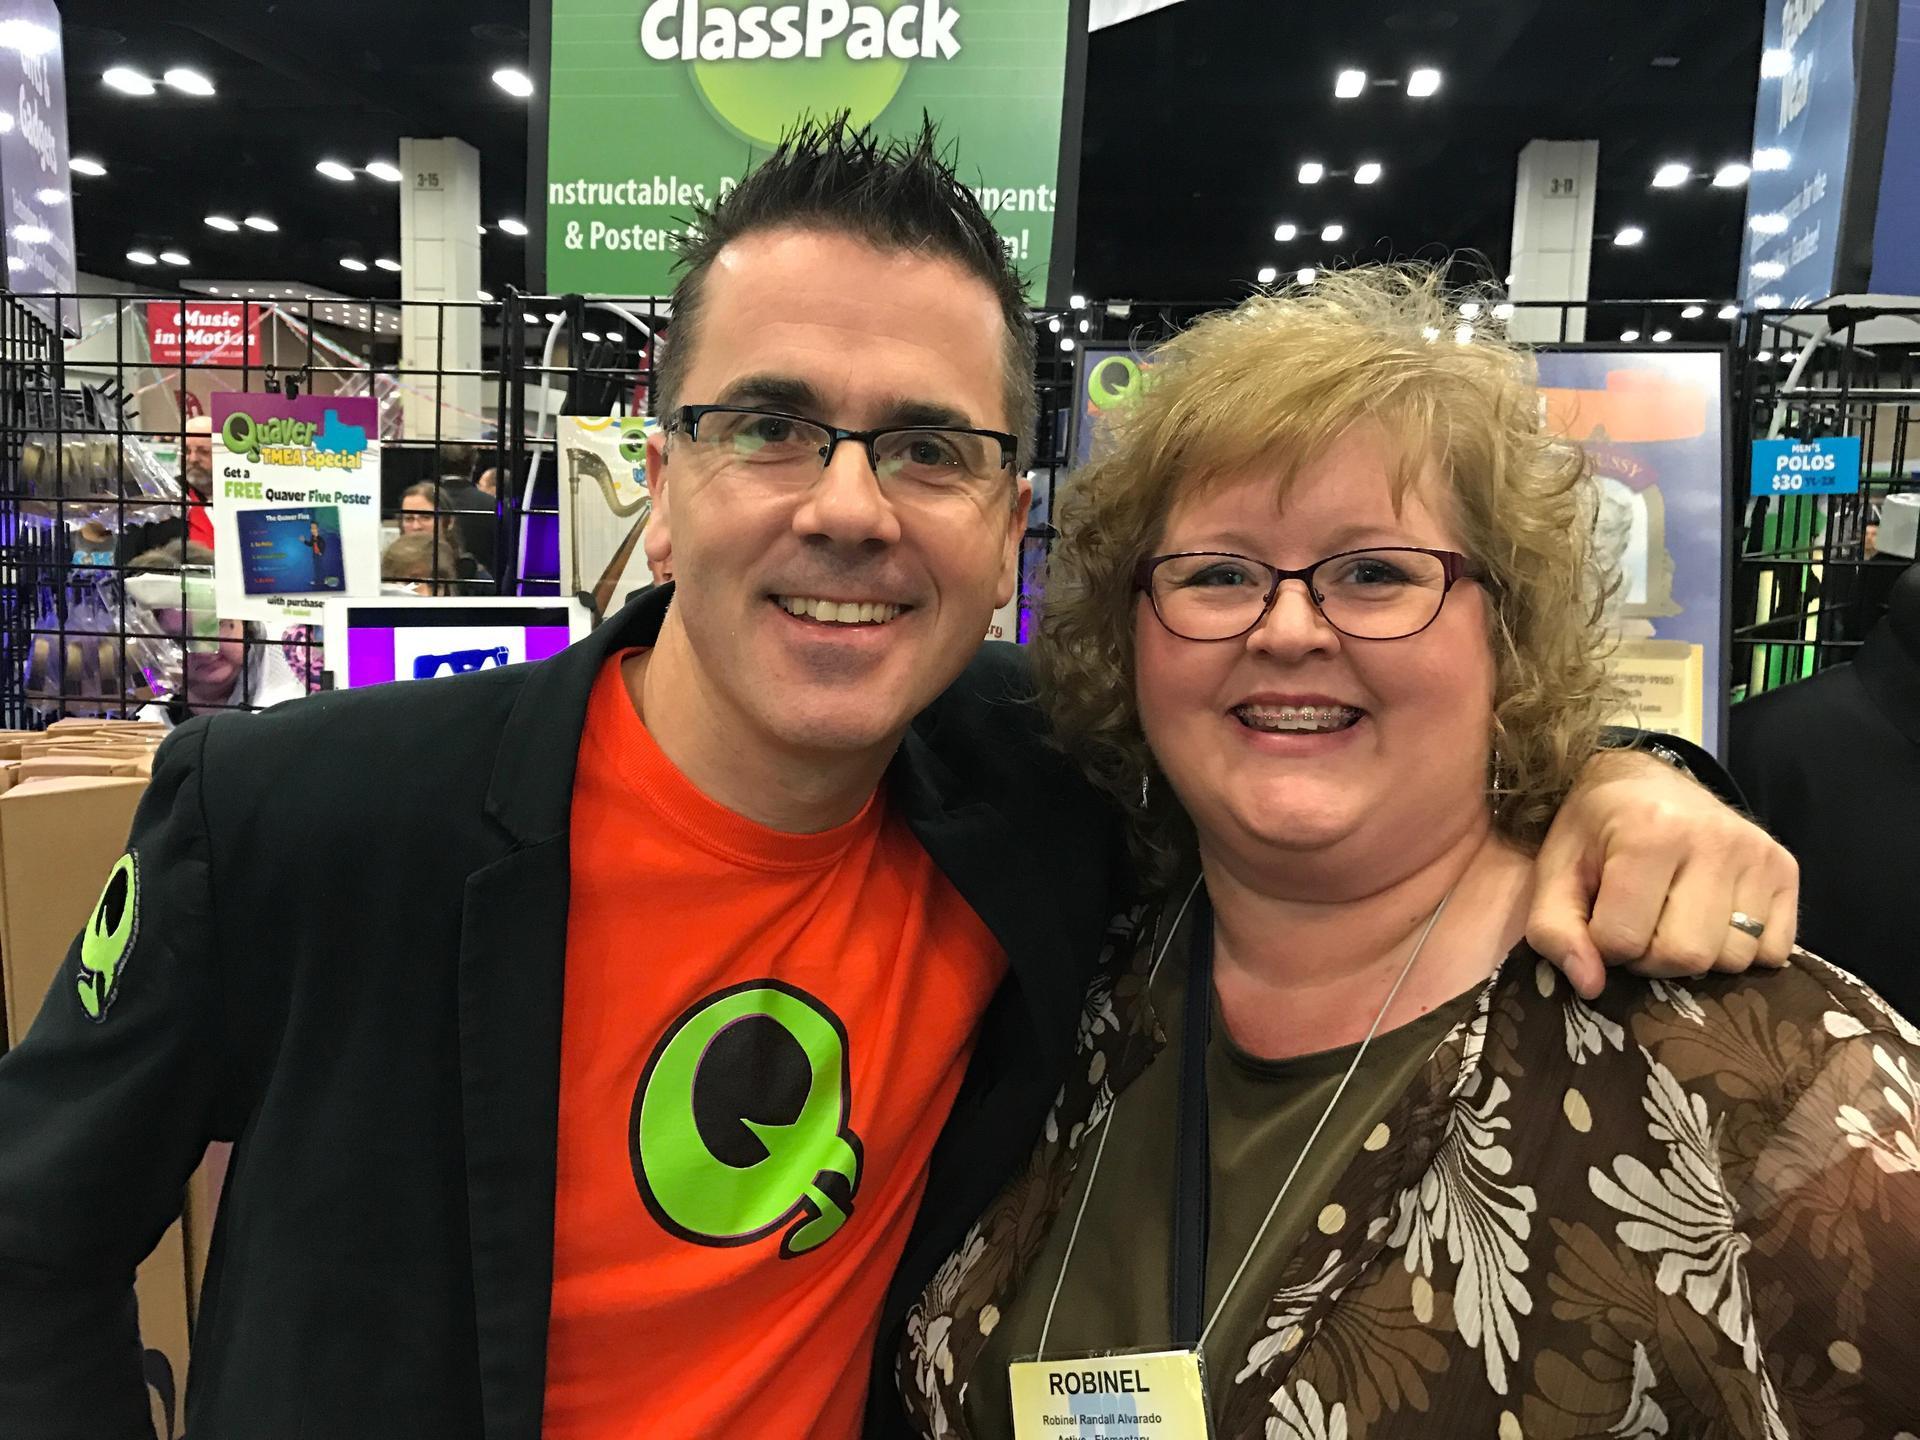 me and Quaver man